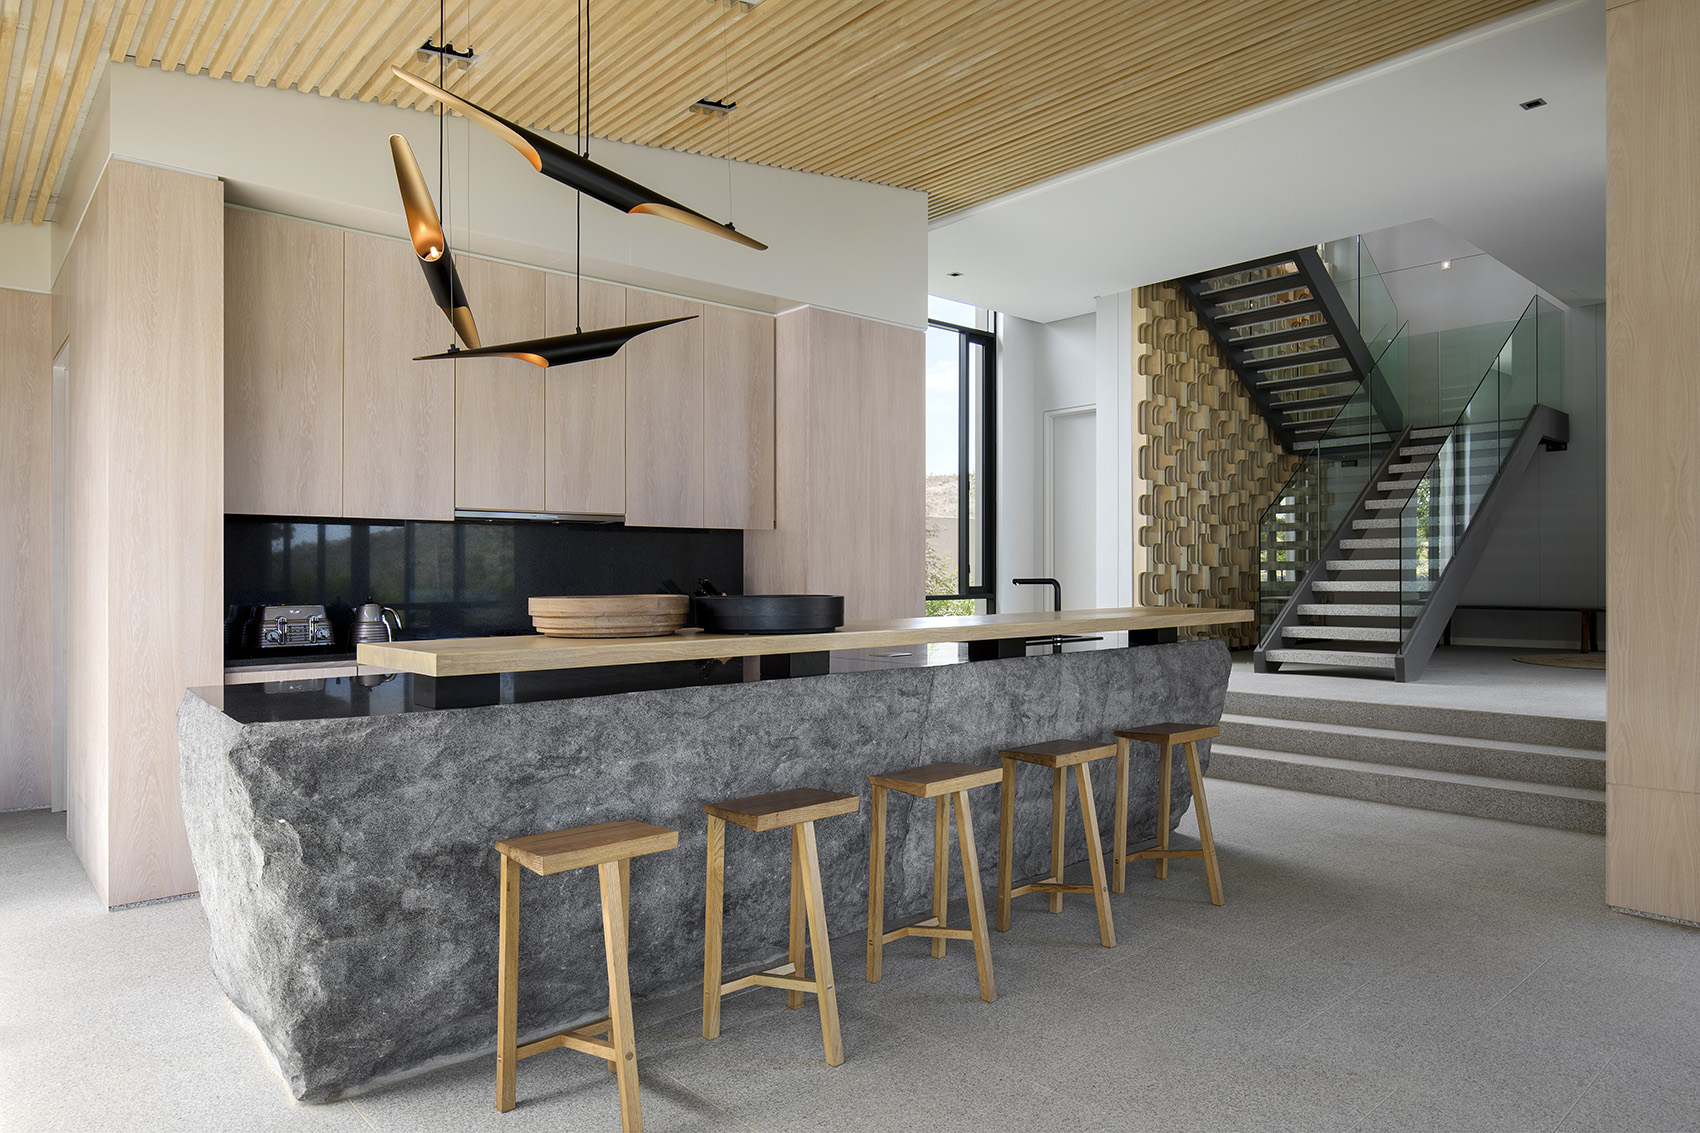 南非Benguela Cove度假住宅,一座遍布着自然气息的住宅